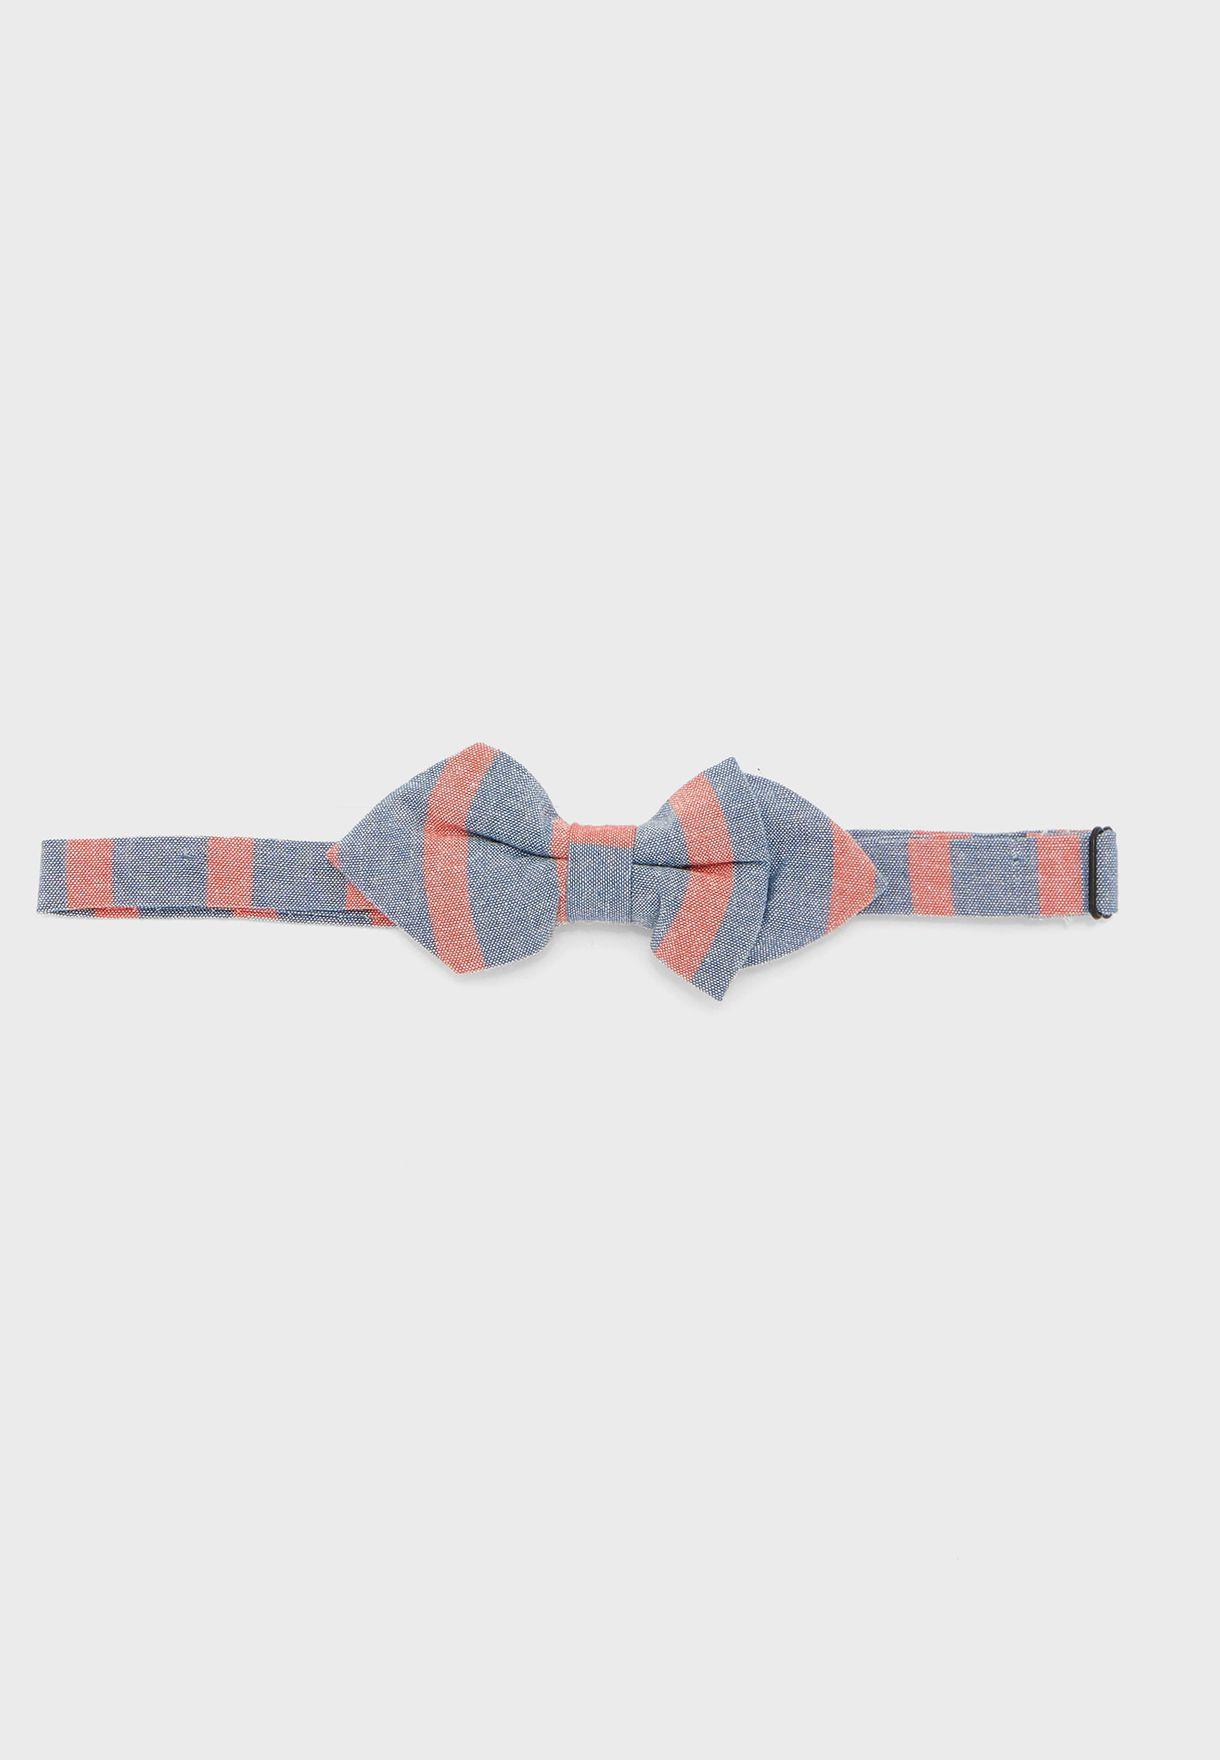 ربطة عنق فيونكة للاطفال